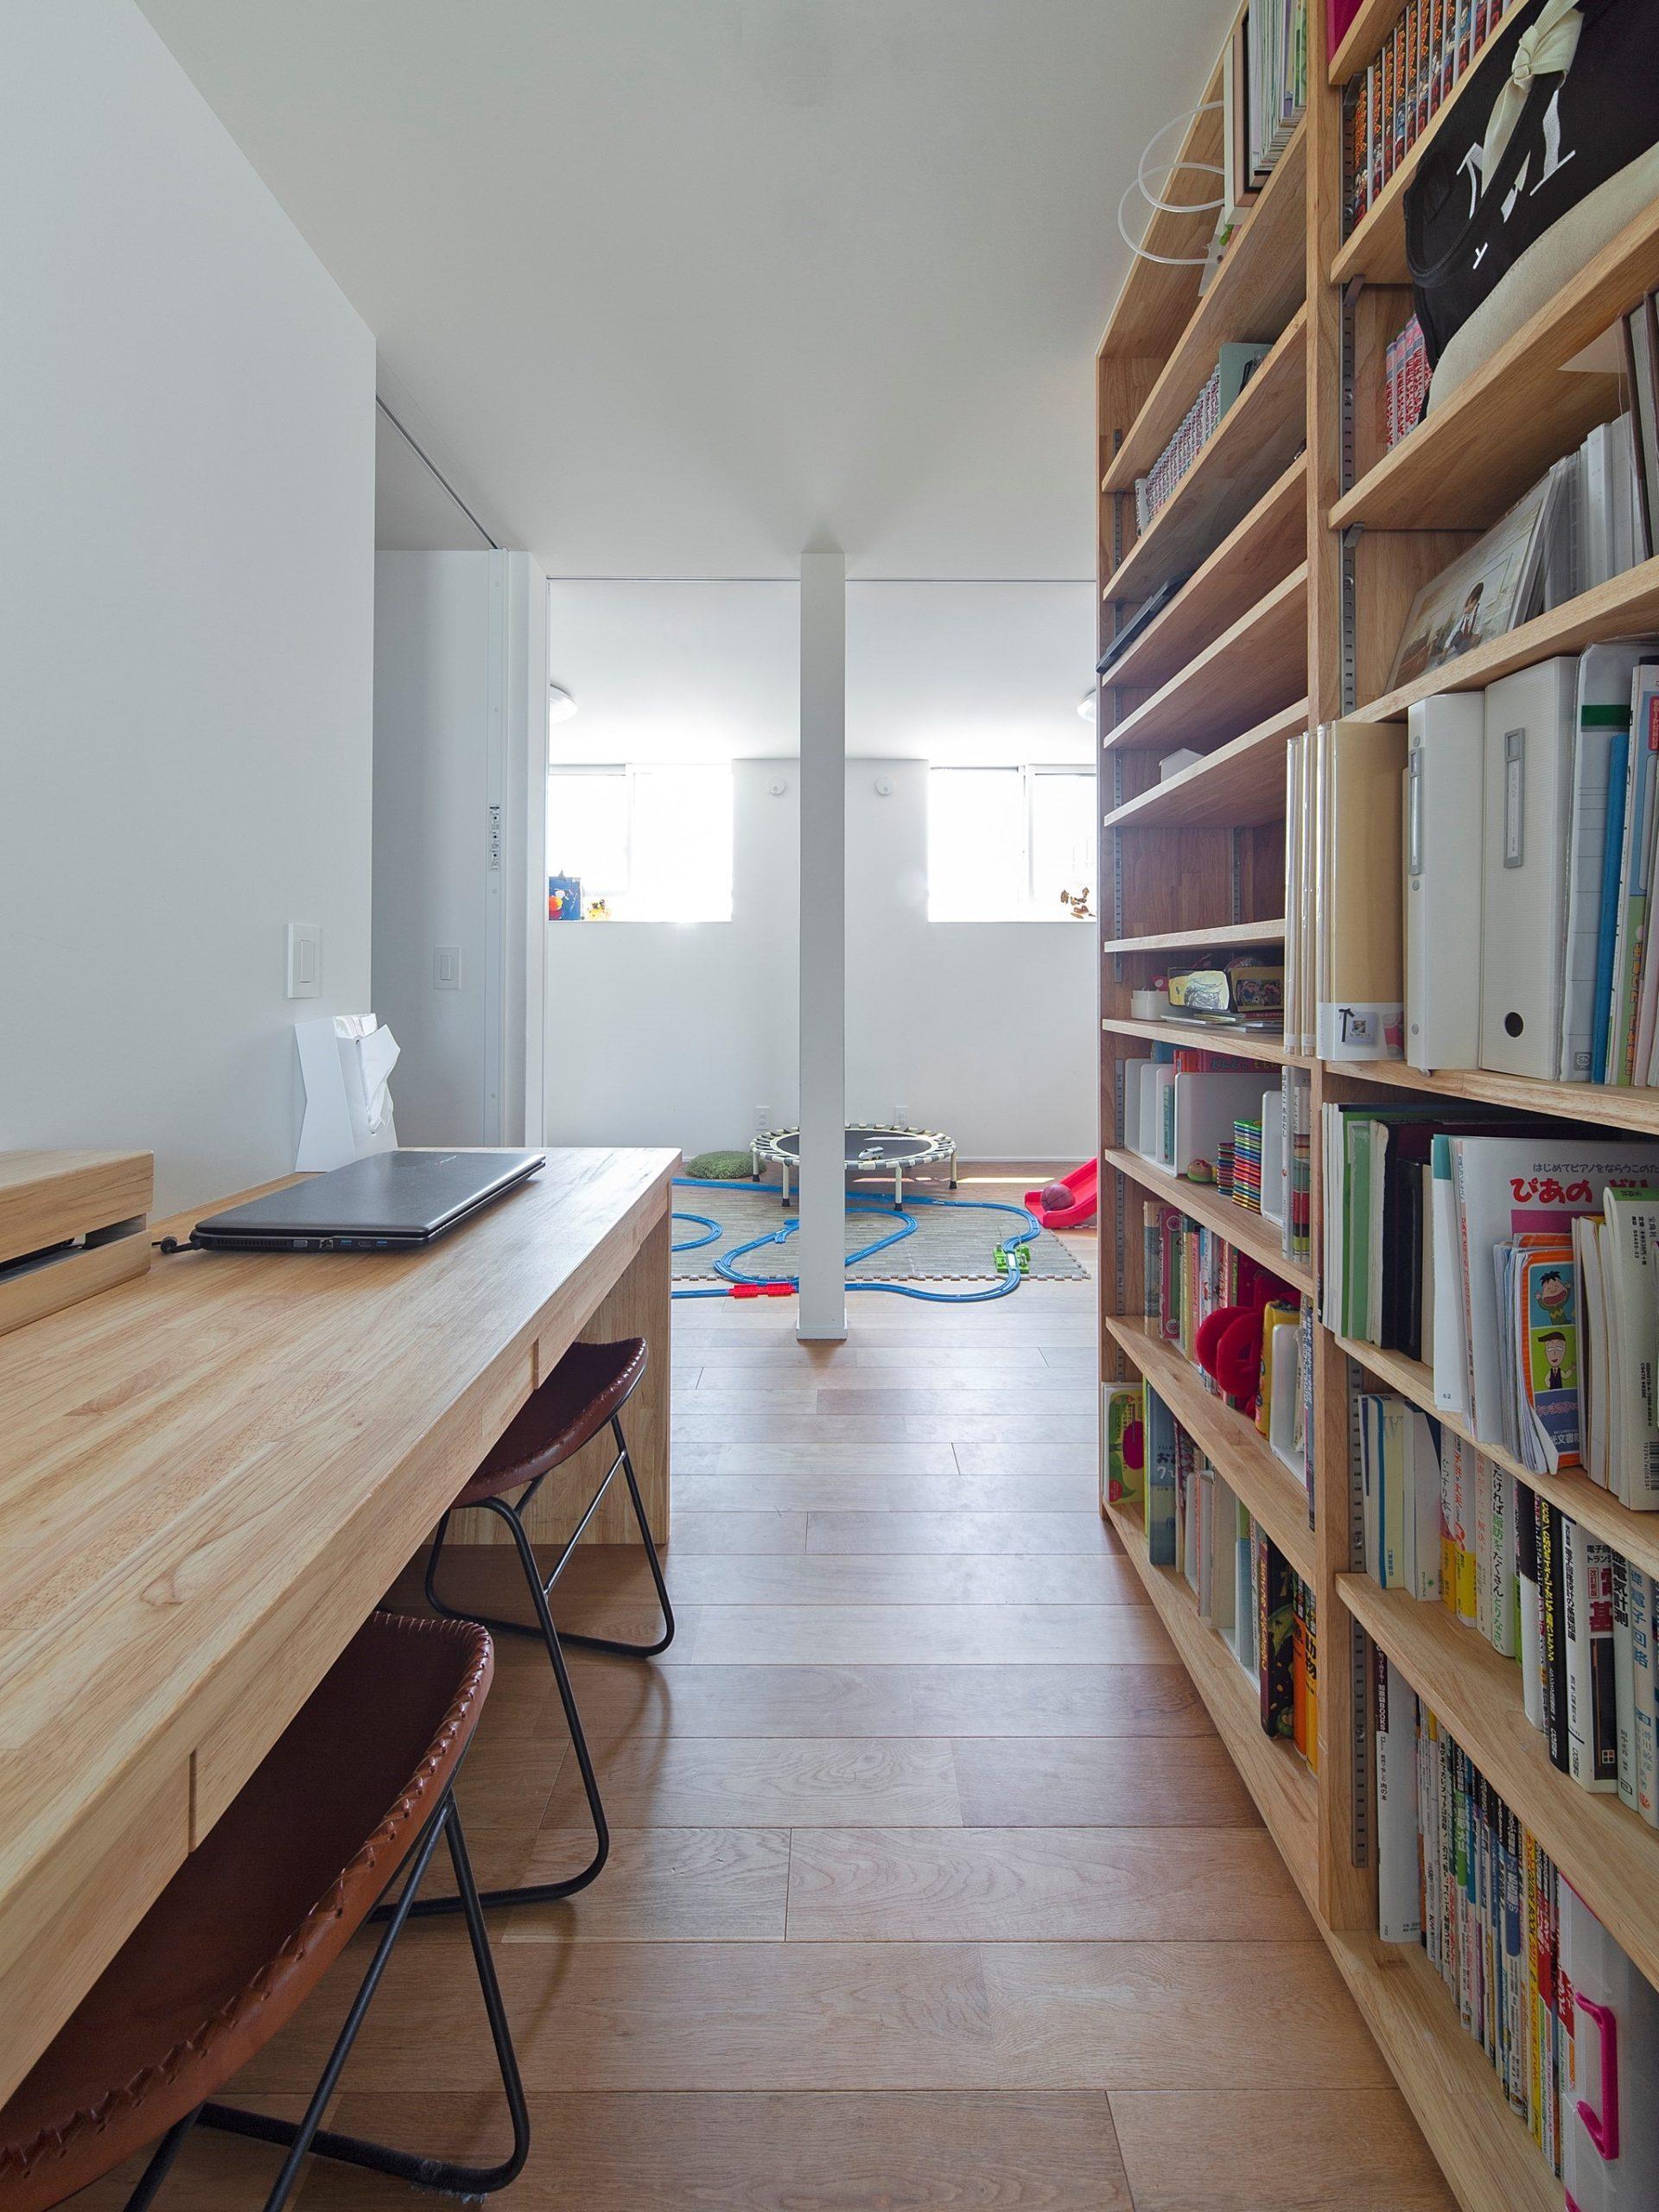 ファミリースペースに設けた本棚は家族みんなの思い出や本を共有する場所です